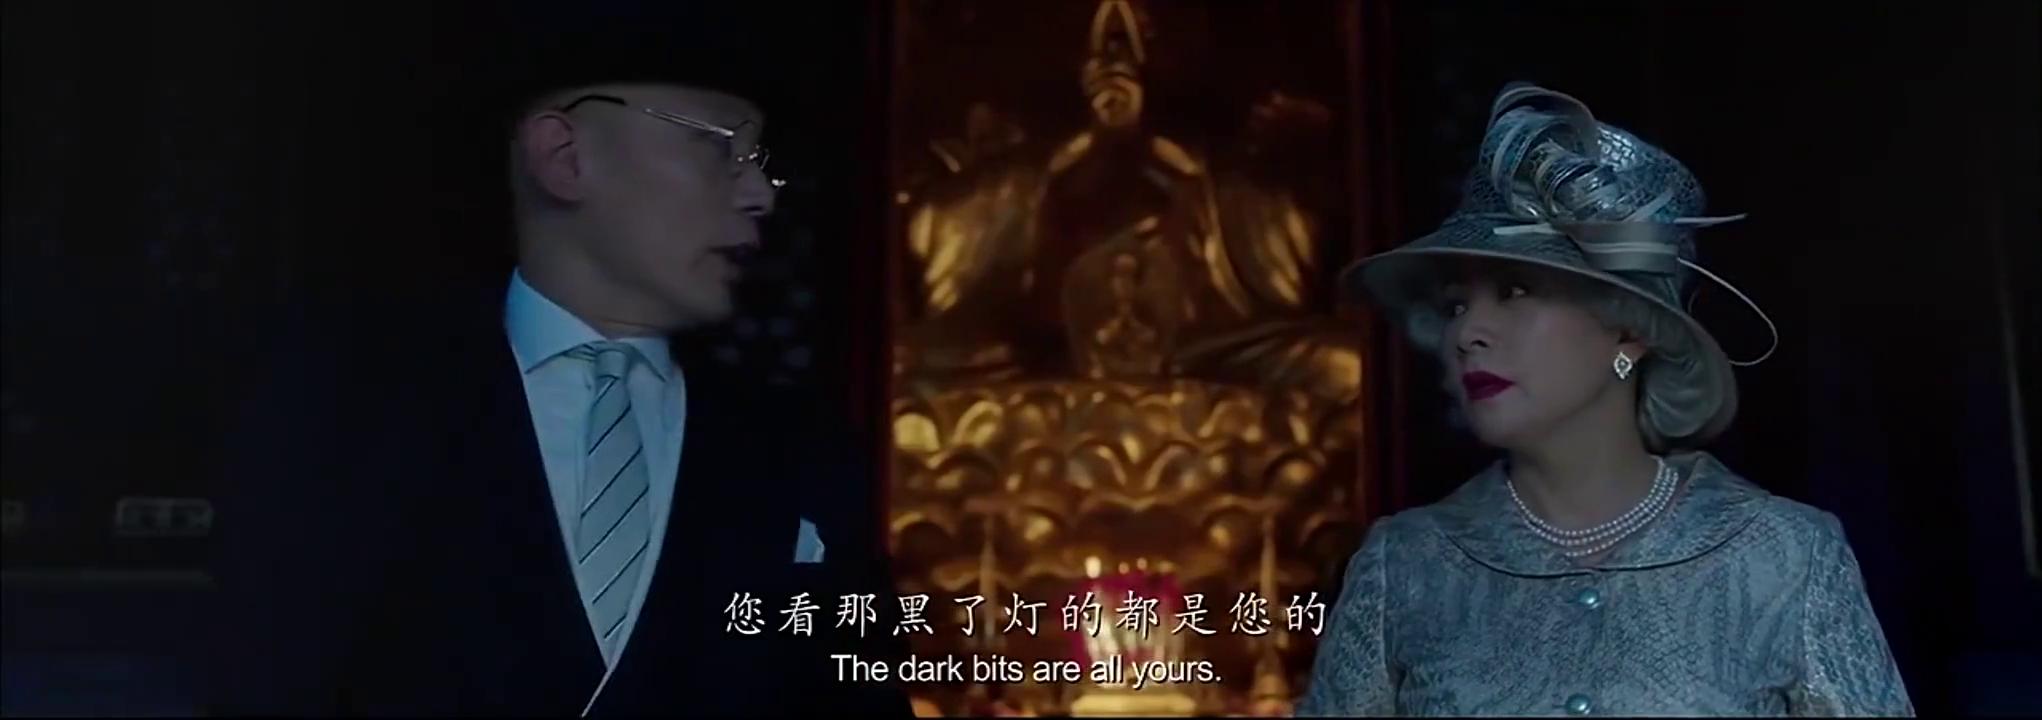 阔气老太太真有钱,北京她的房产全灭灯,也就故宫能亮着